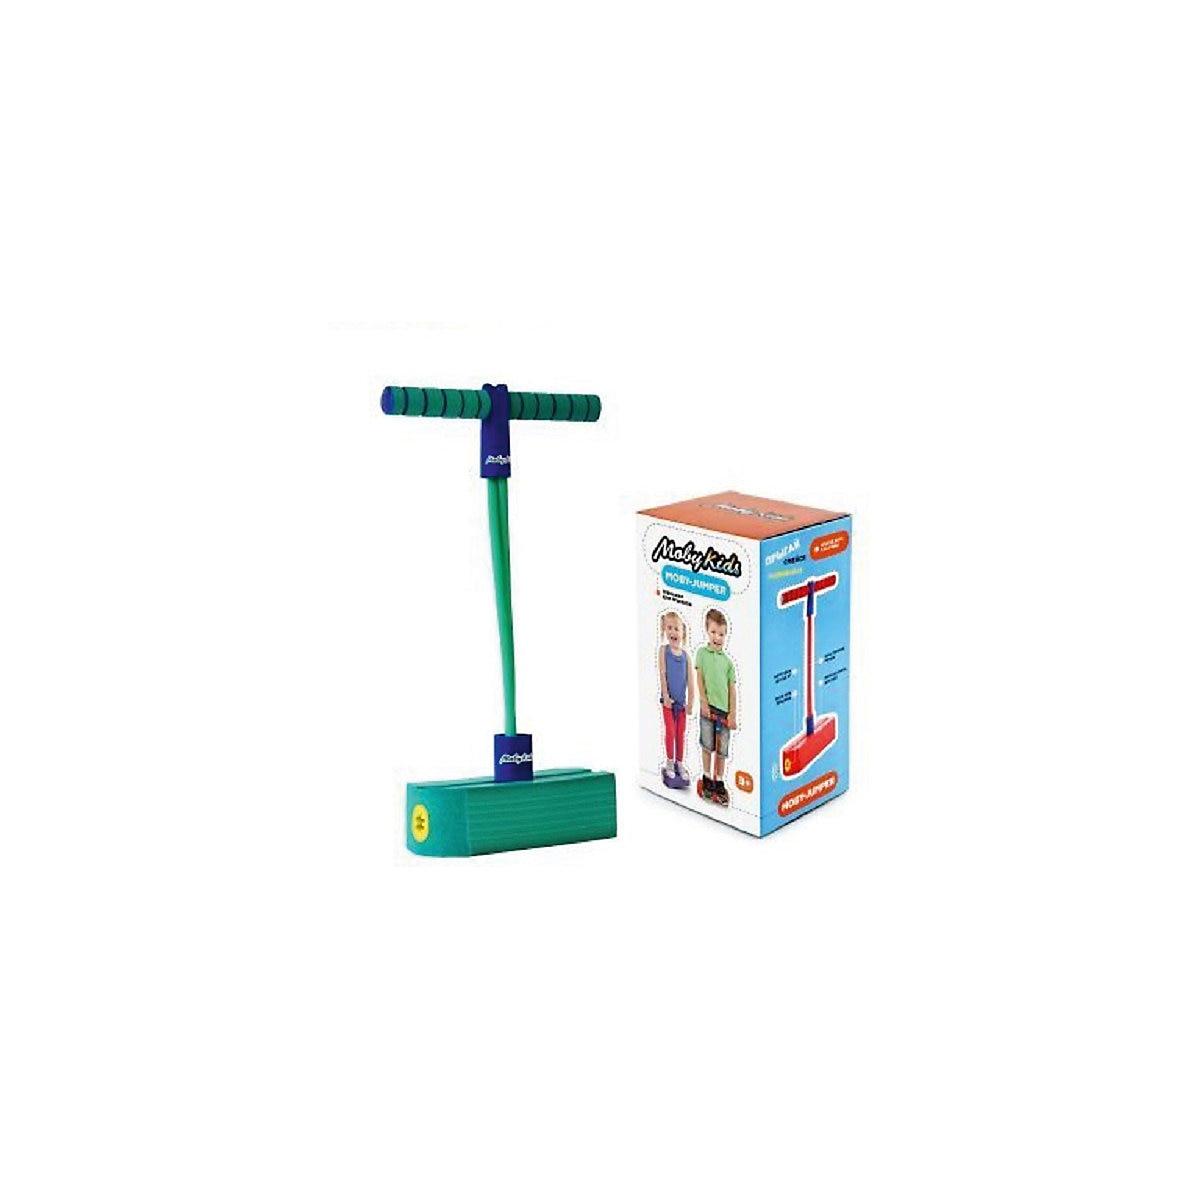 MOBY enfants bébé activité Gym 7920773 bambin jouets exercice machine pour sauter pour les filles et les garçons MTpromo